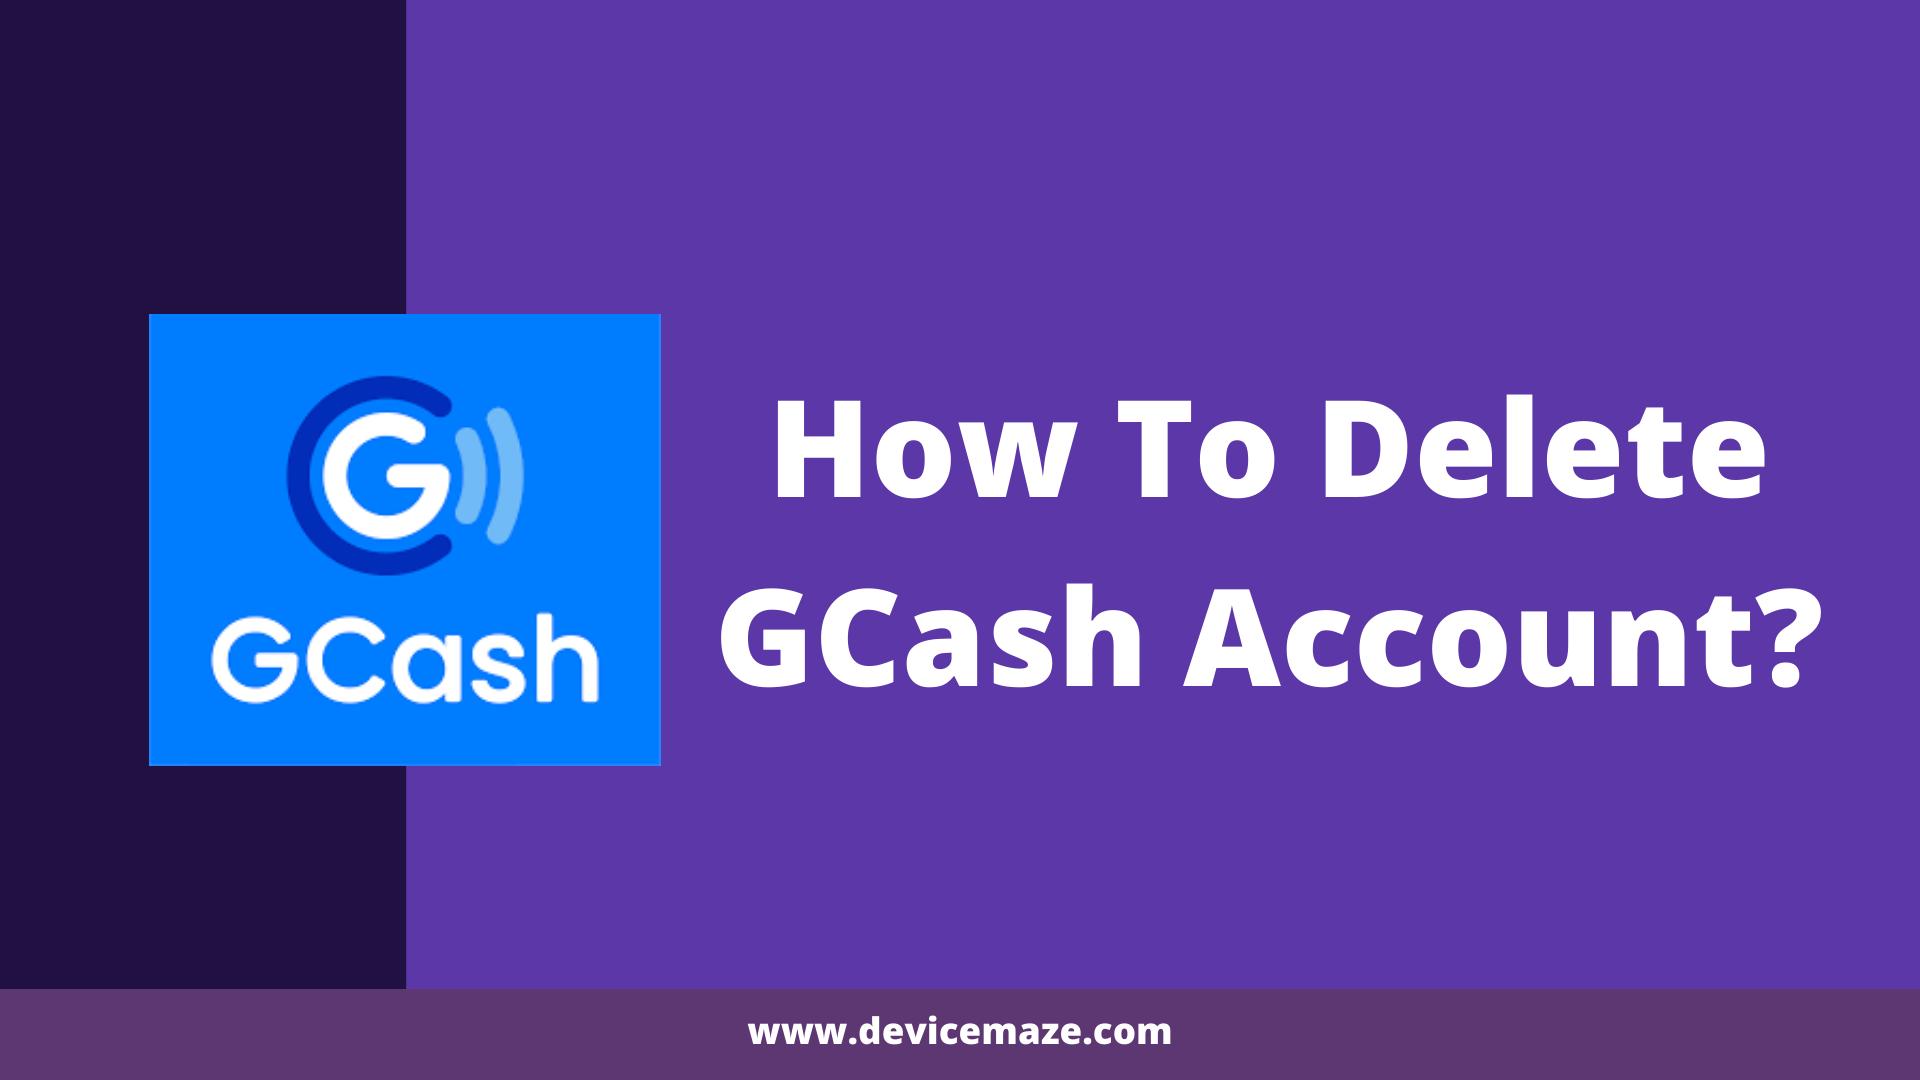 How To Delete Gcash Account